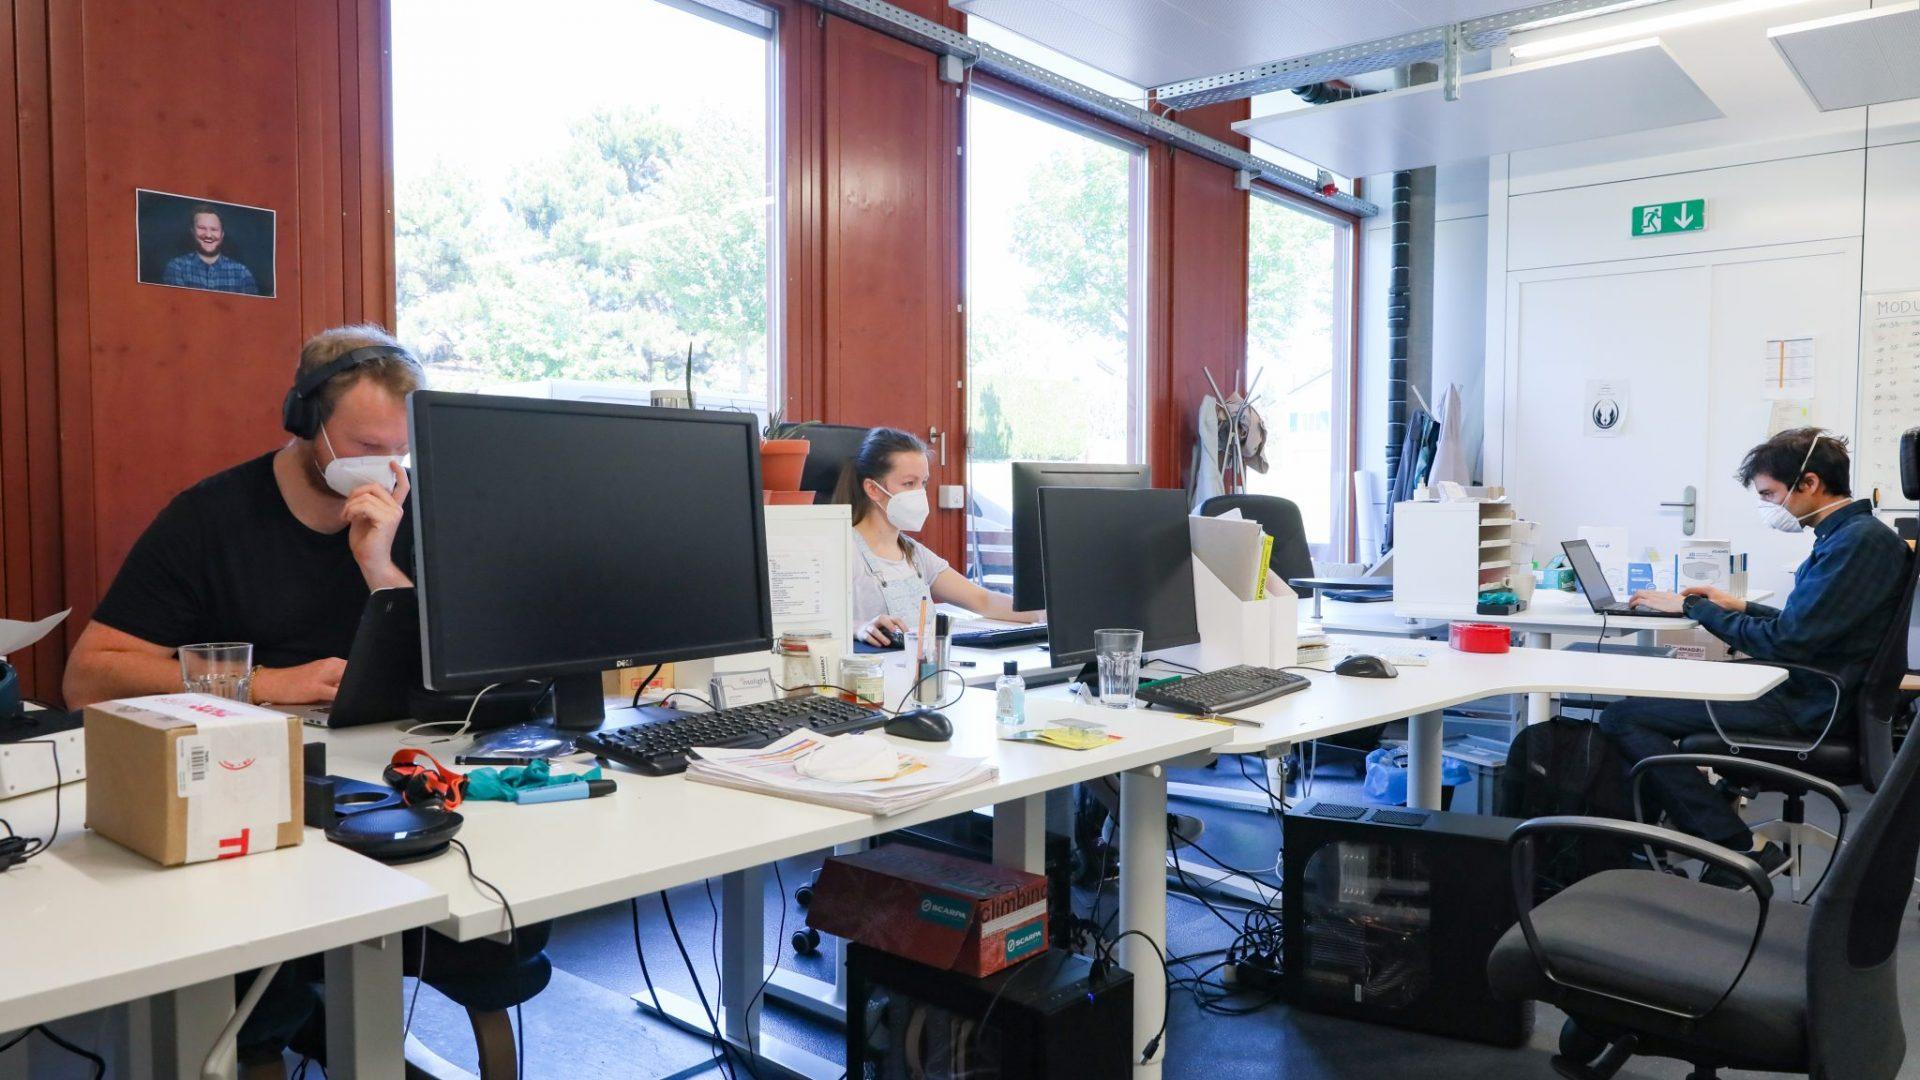 Des personnes travaillant sur des ordinateurs, avec des masques sur le visage